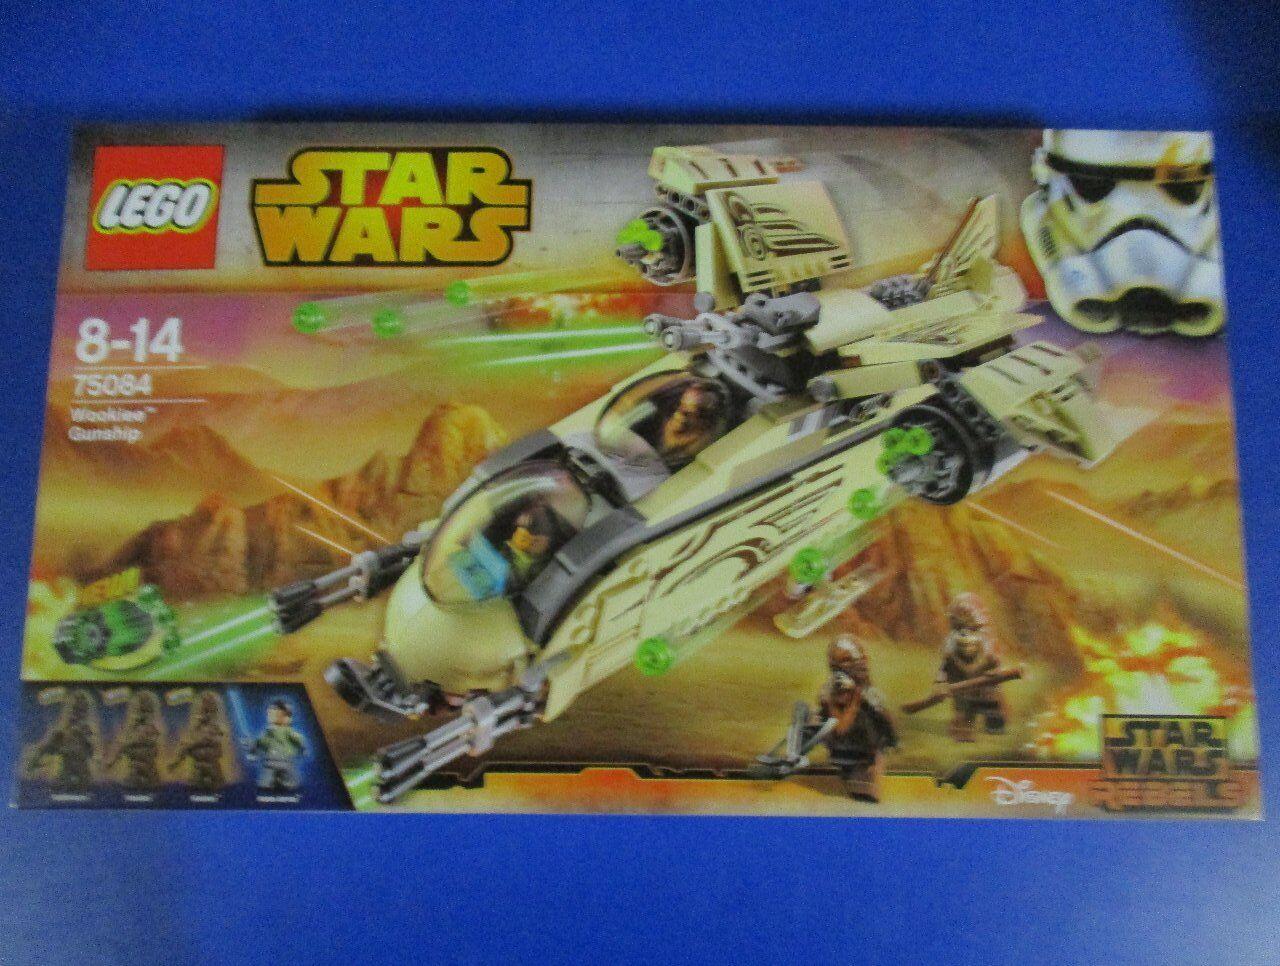 LEGO estrella guerras 75084  ambulante GUNSHIP NUOVO OVP  Spedizione gratuita per tutti gli ordini